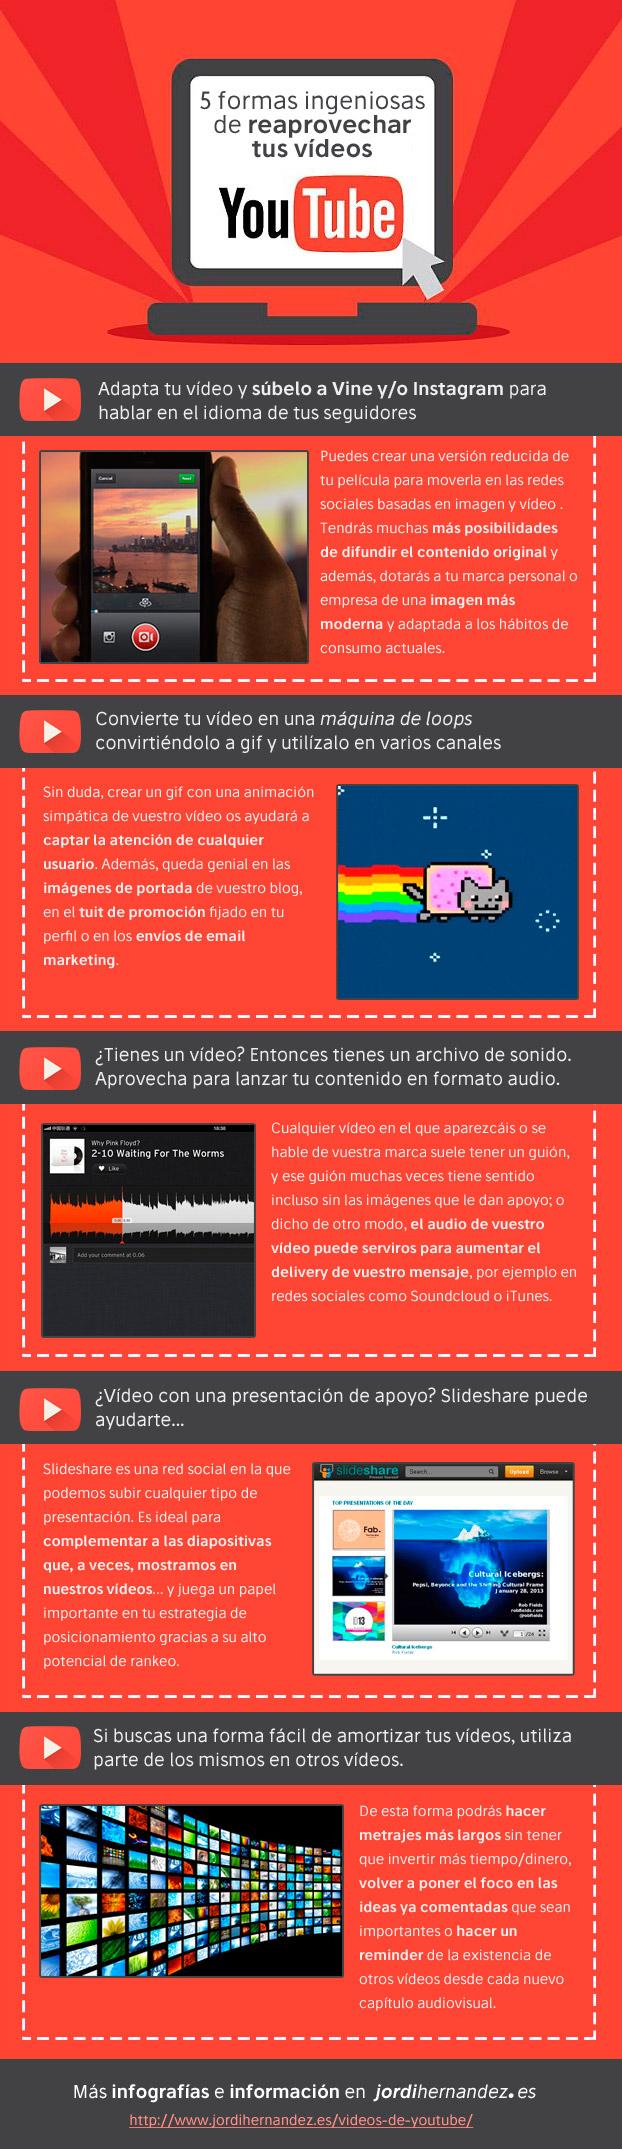 5 formas ingeniosas de reaprovechar tus vídeos de Youtube